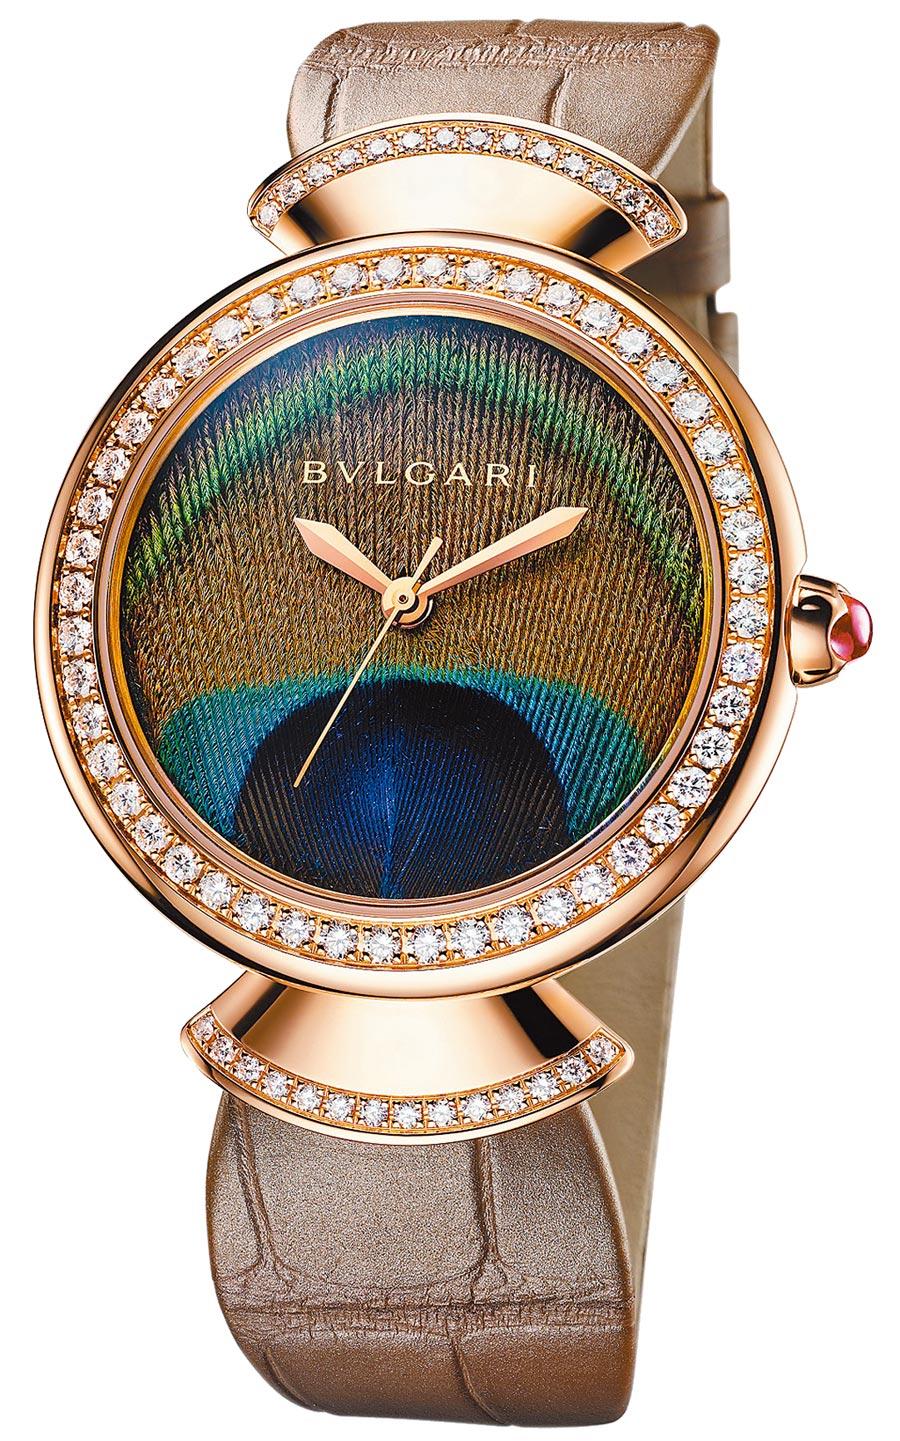 寶格麗DIVAS'DREAM PEACOCK玫瑰金鑲鑽孔雀腕表,約84萬5000元。(BVLGARI提供)